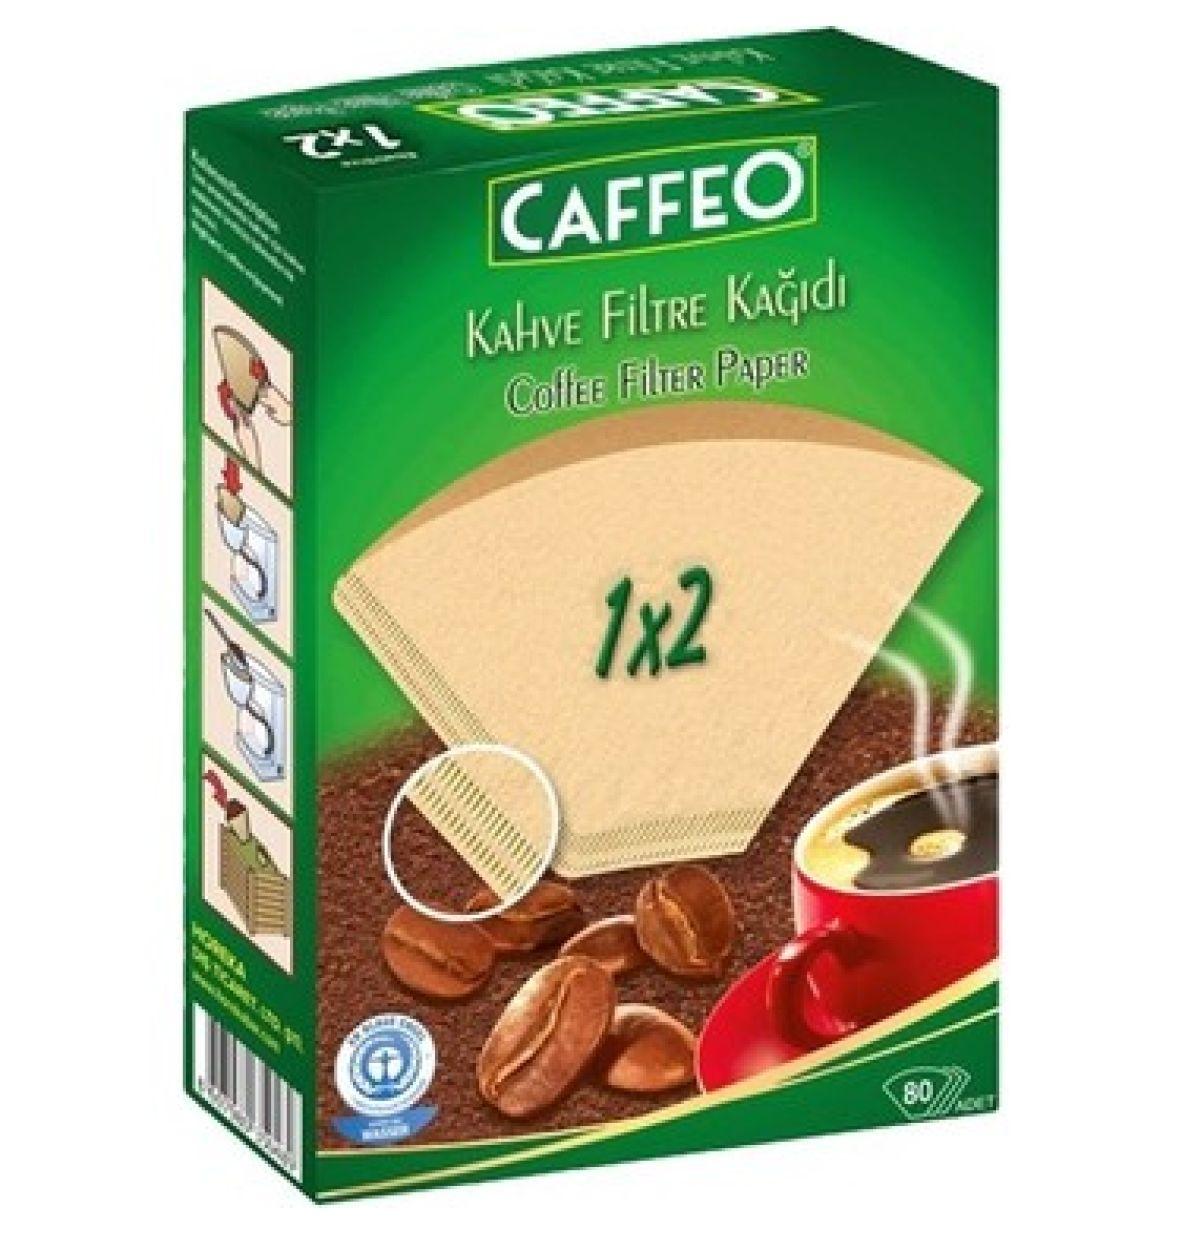 Caffeo Filtre Kağıdı 1x2